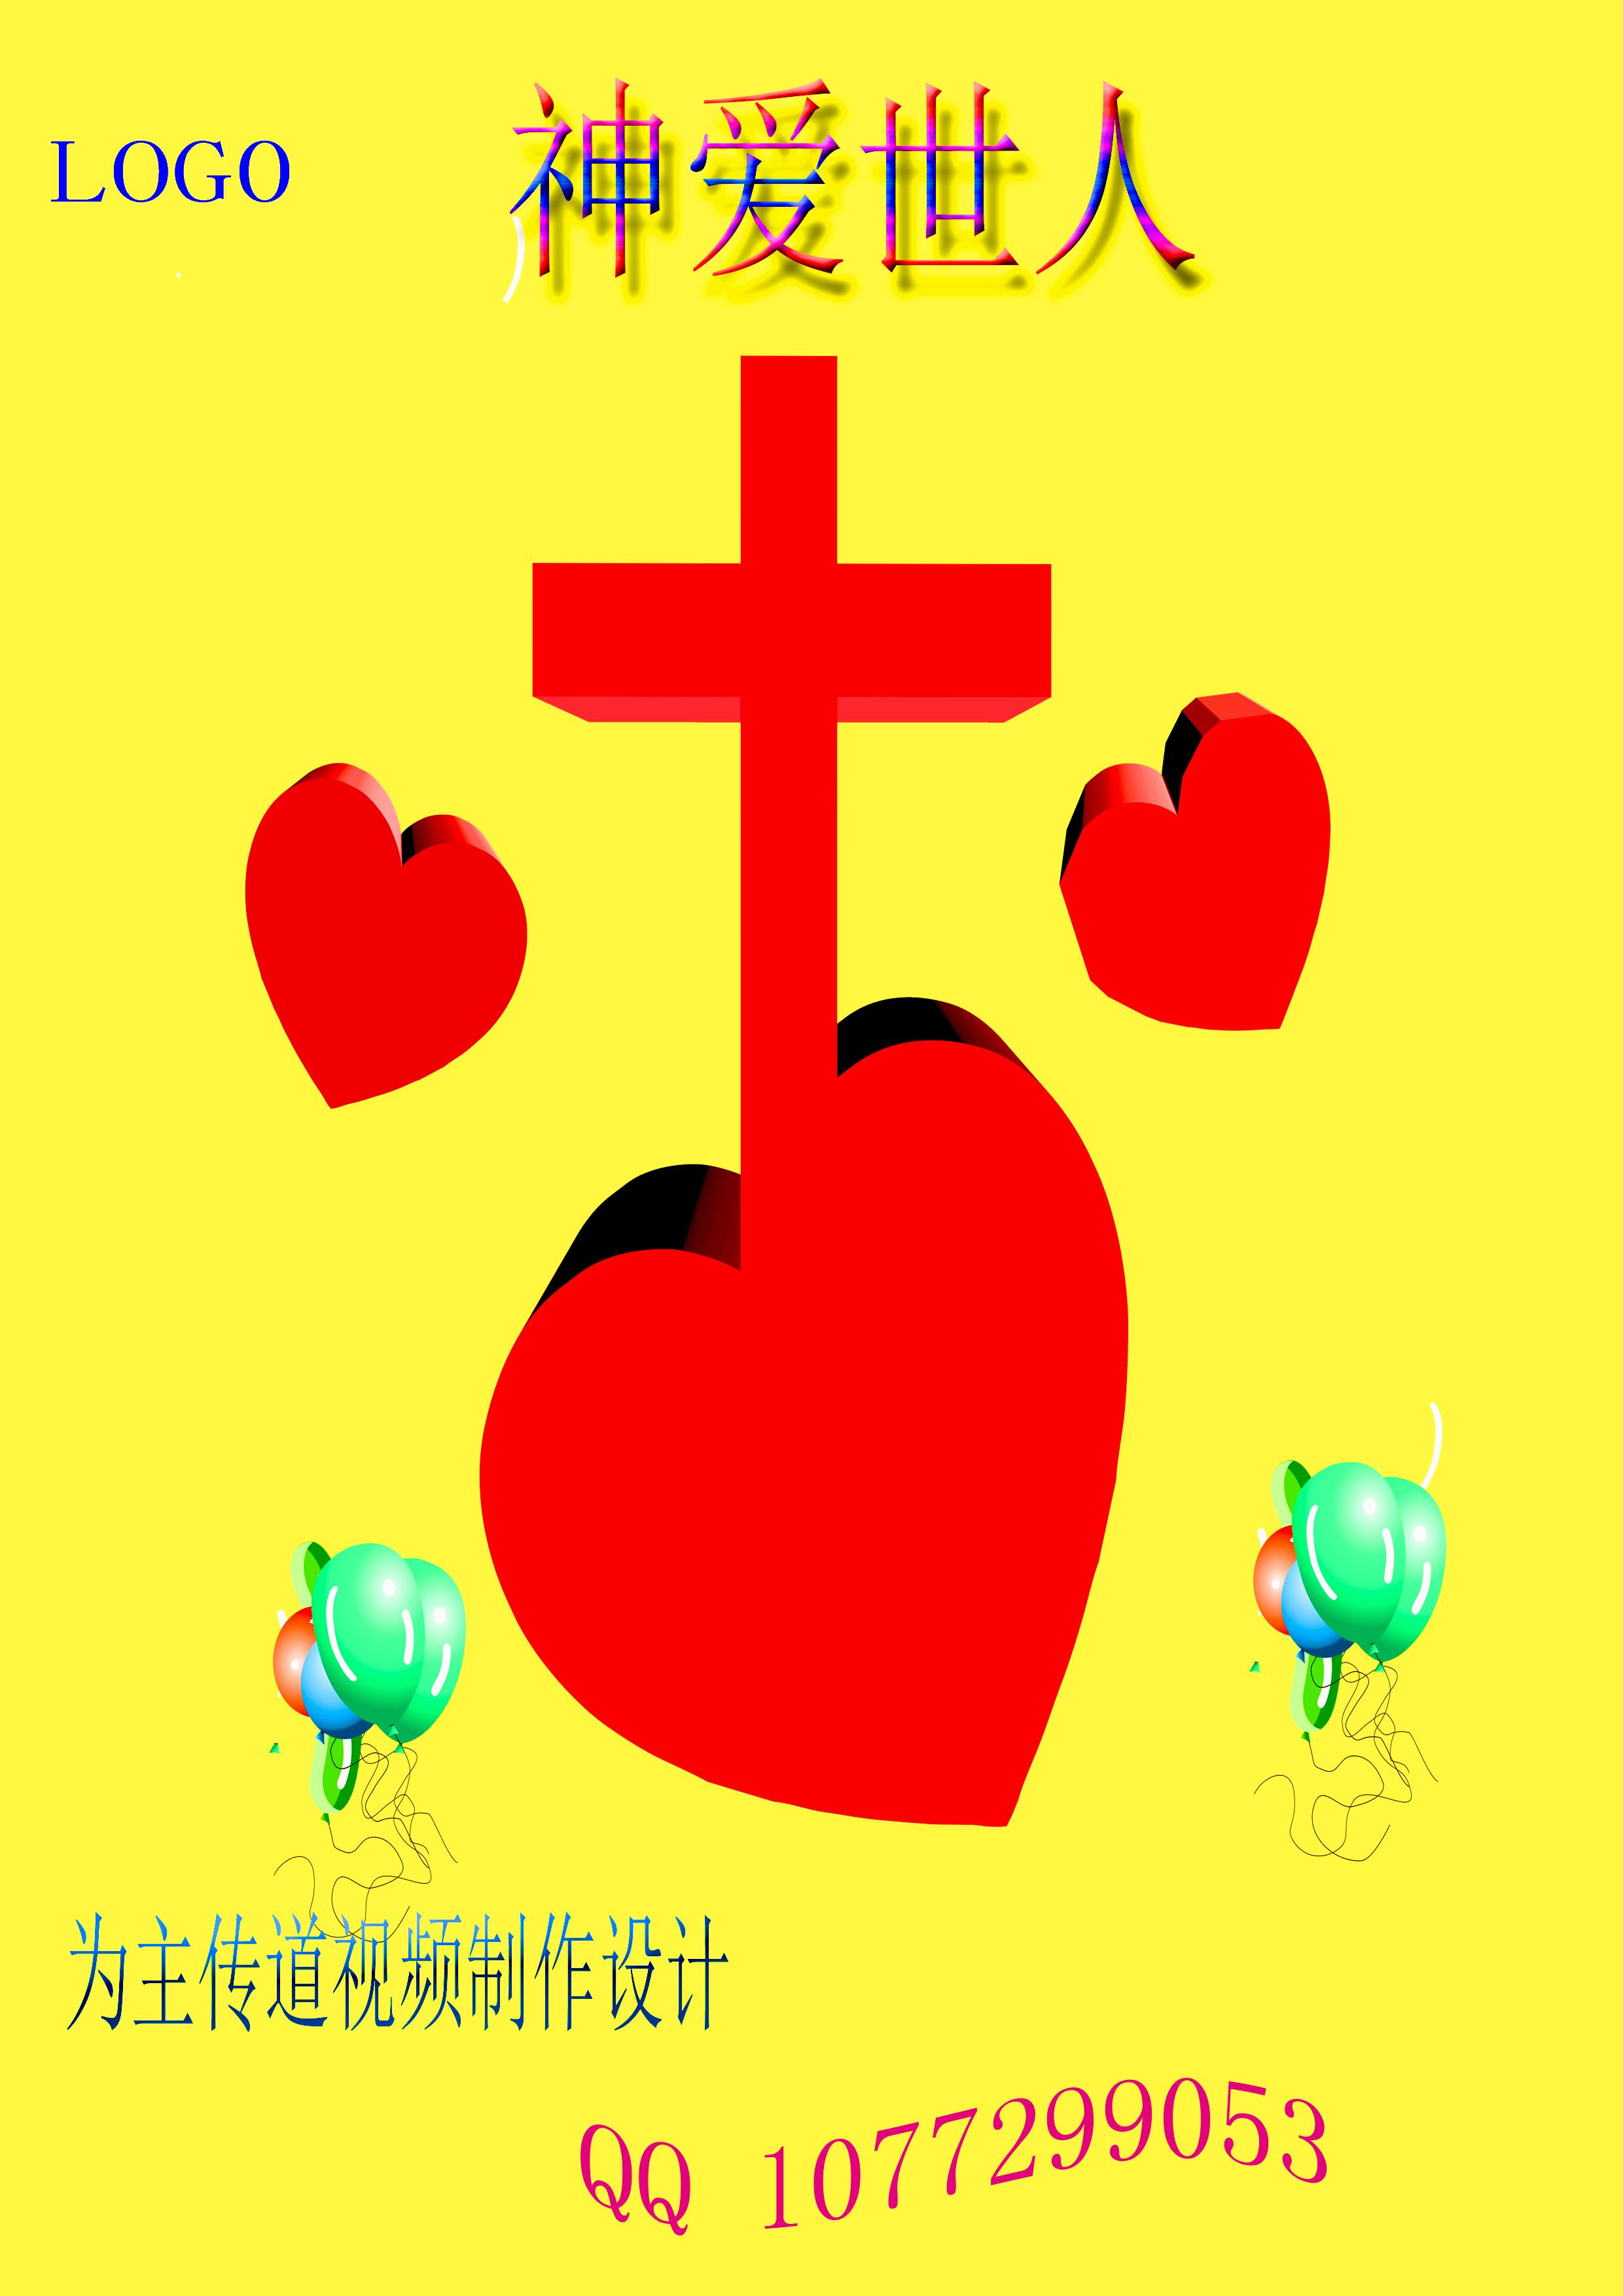 关于基督教结婚歌曲